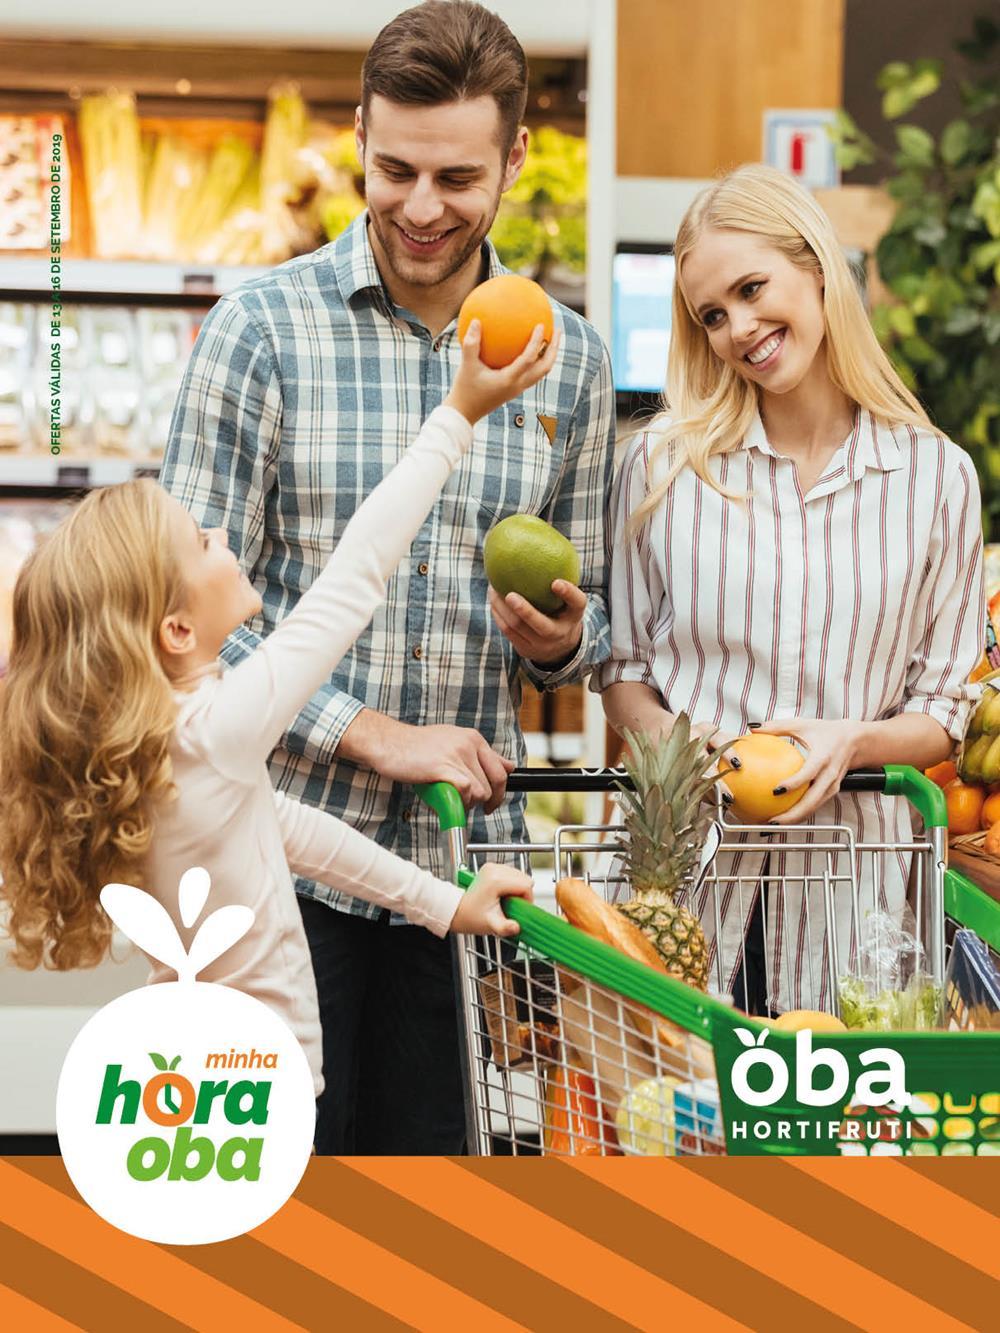 Ofertas-oba2-3 Supermercados